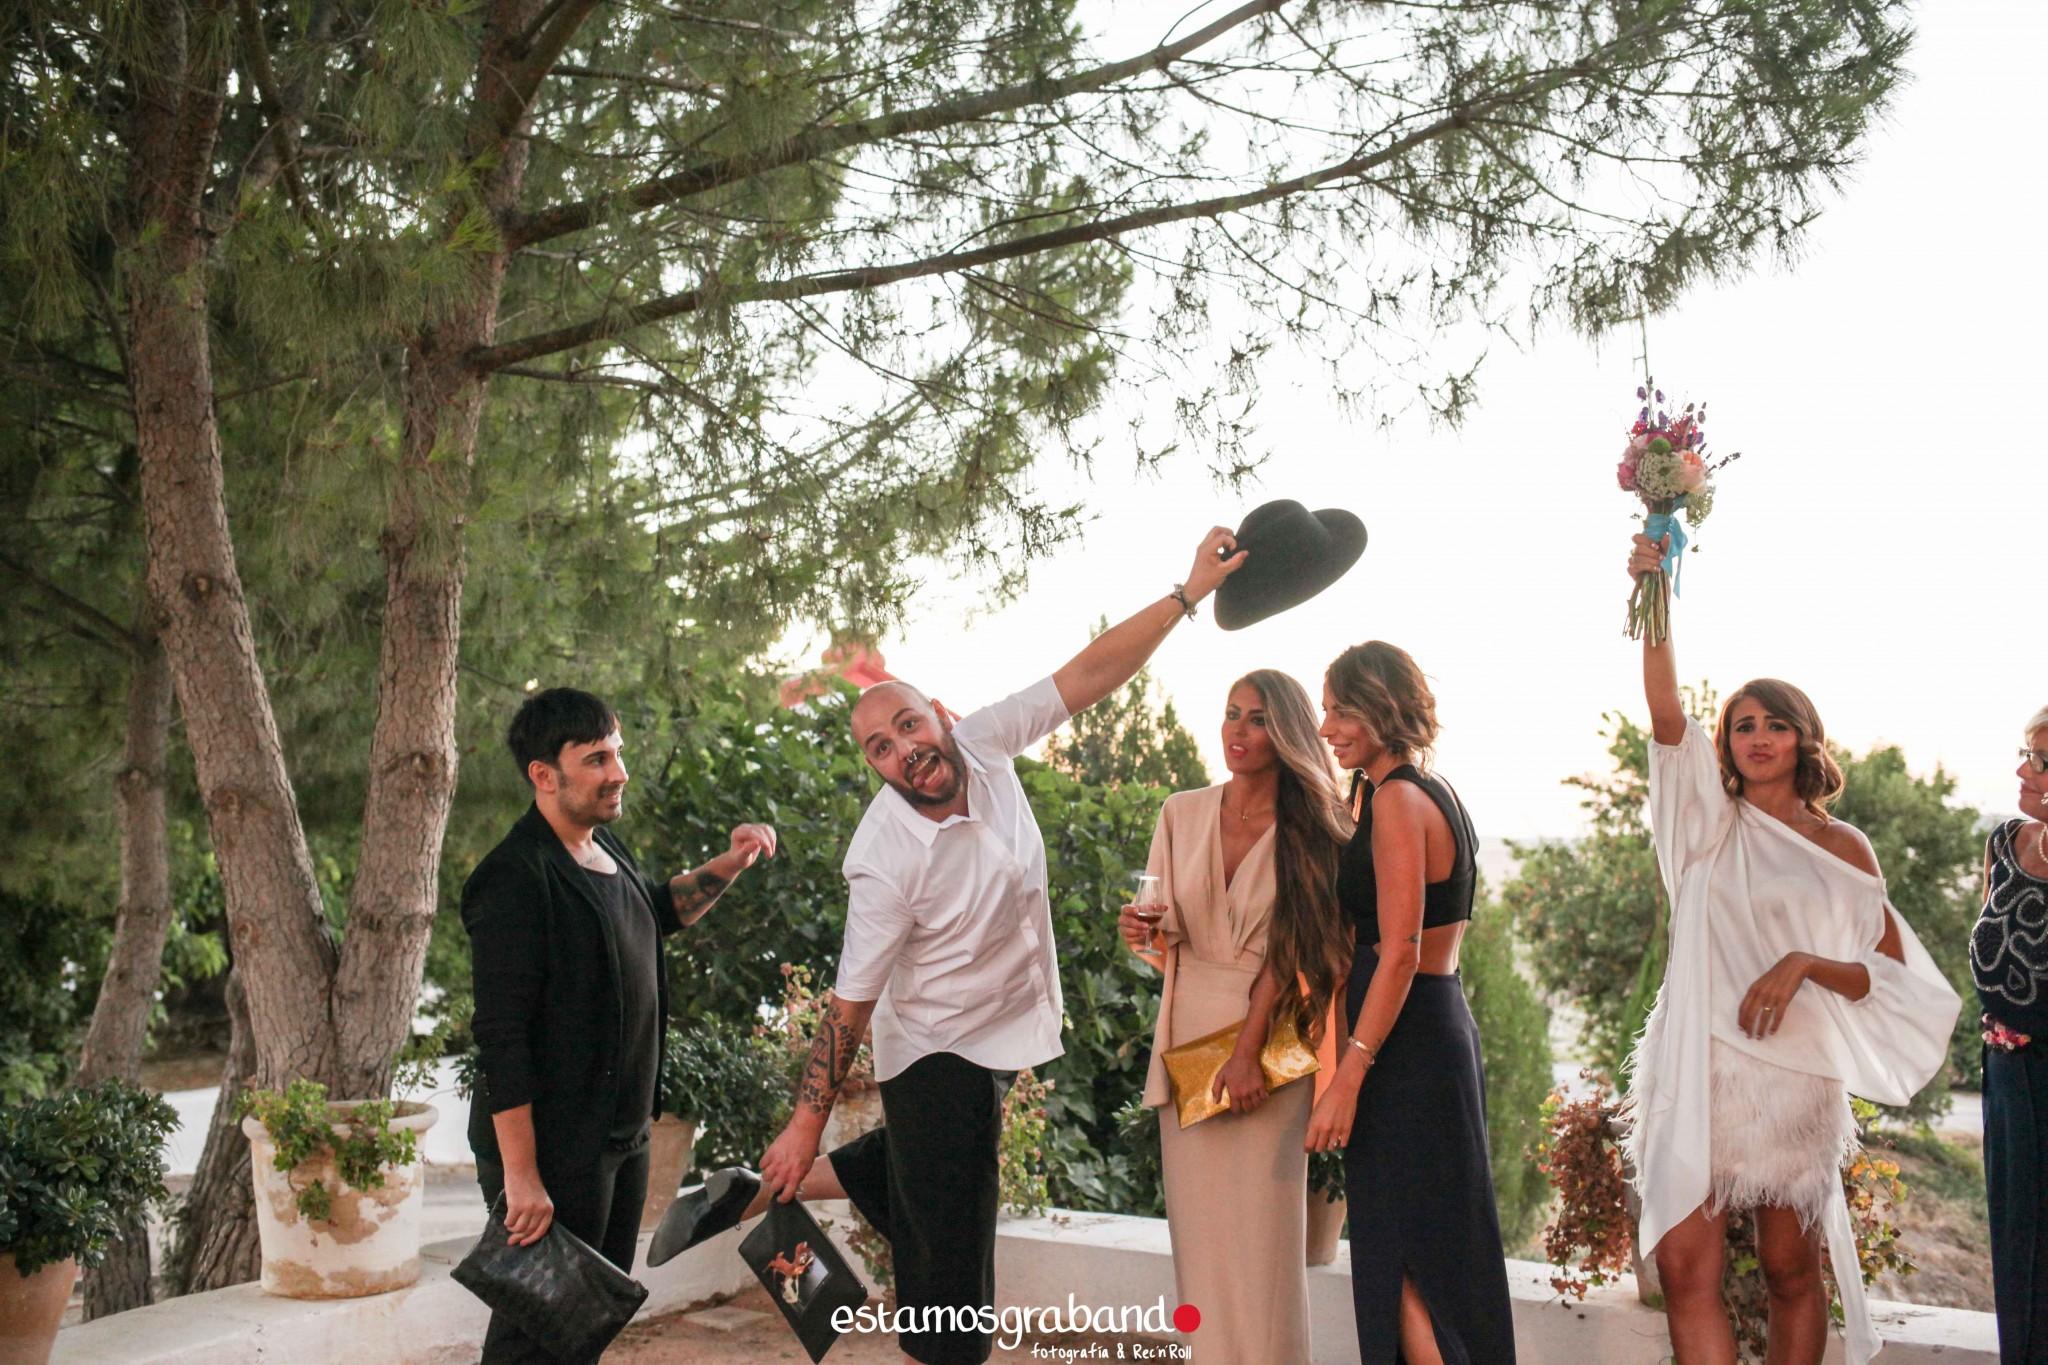 Miguel-Ana-28 Los invitados de Ana & Miguel [Fotografía de Boda_Viña La Carreña, Jerez] - video boda cadiz